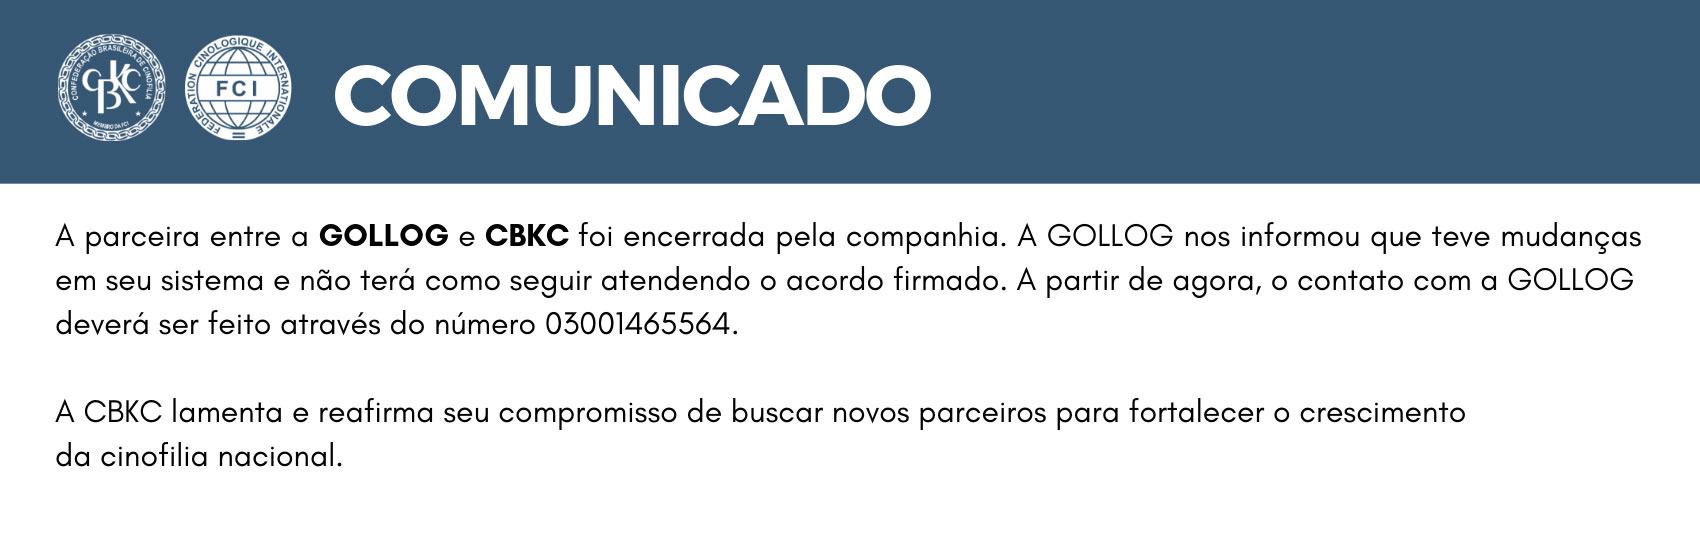 CBKC - Parcerias para associados.